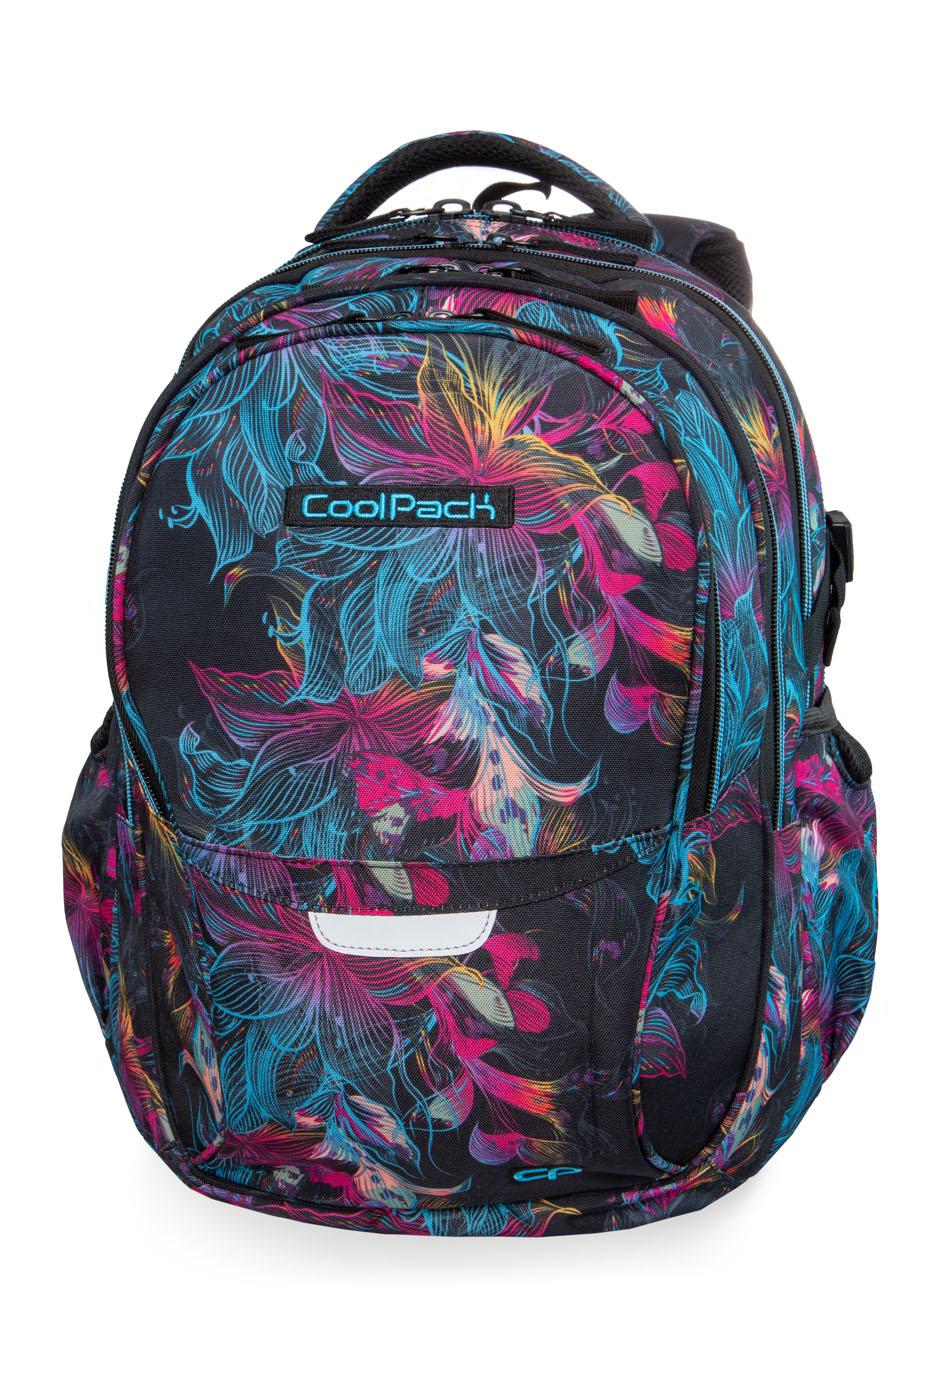 Coolpack   factor  rygsæk   vibrant bloom